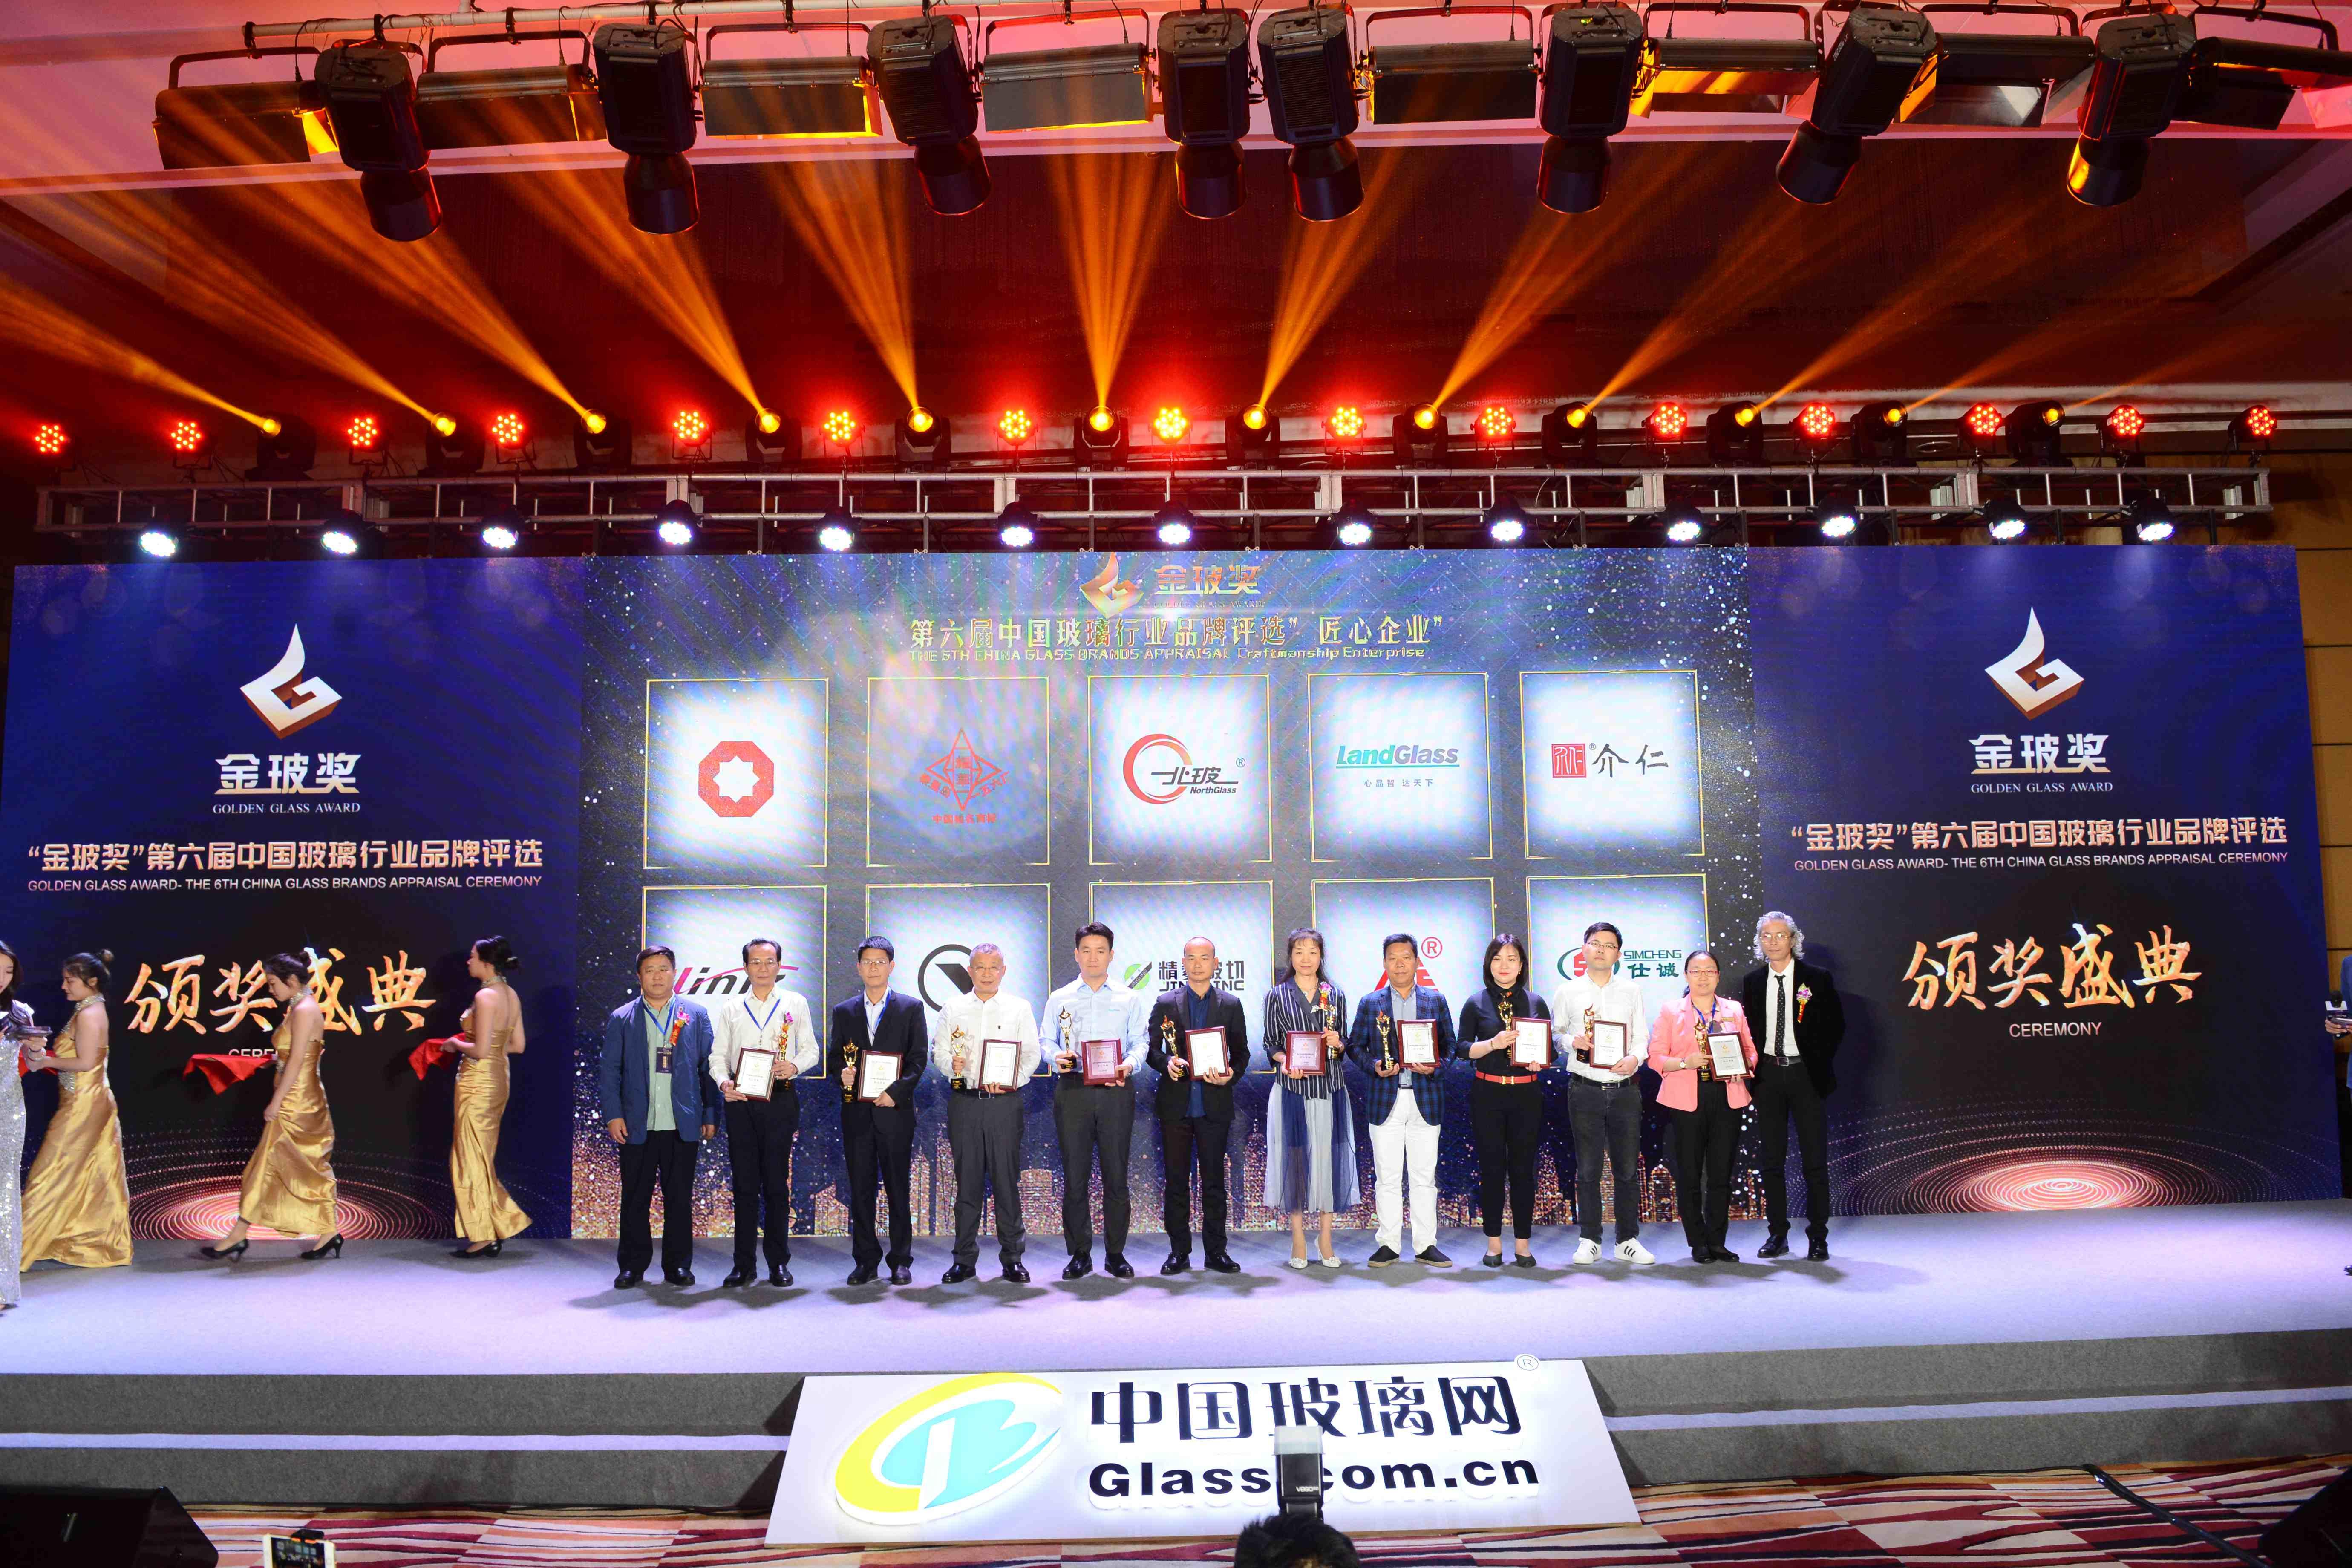 中国玻璃产业发展年会文图-中国玻璃产业发展年会文图-金玻奖颁奖